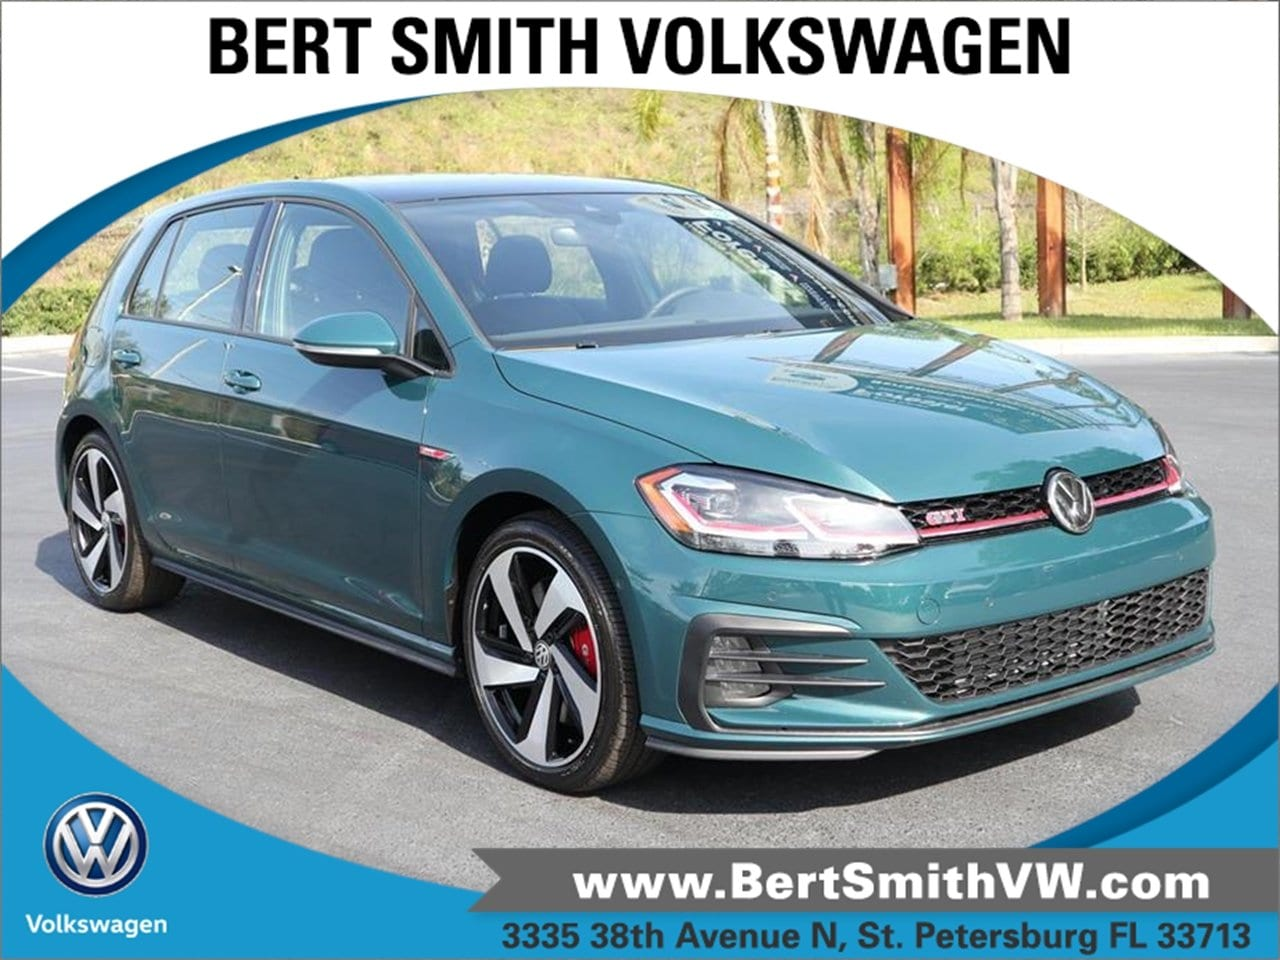 2019 Volkswagen Golf GTI 2.0T Autobahn DSG